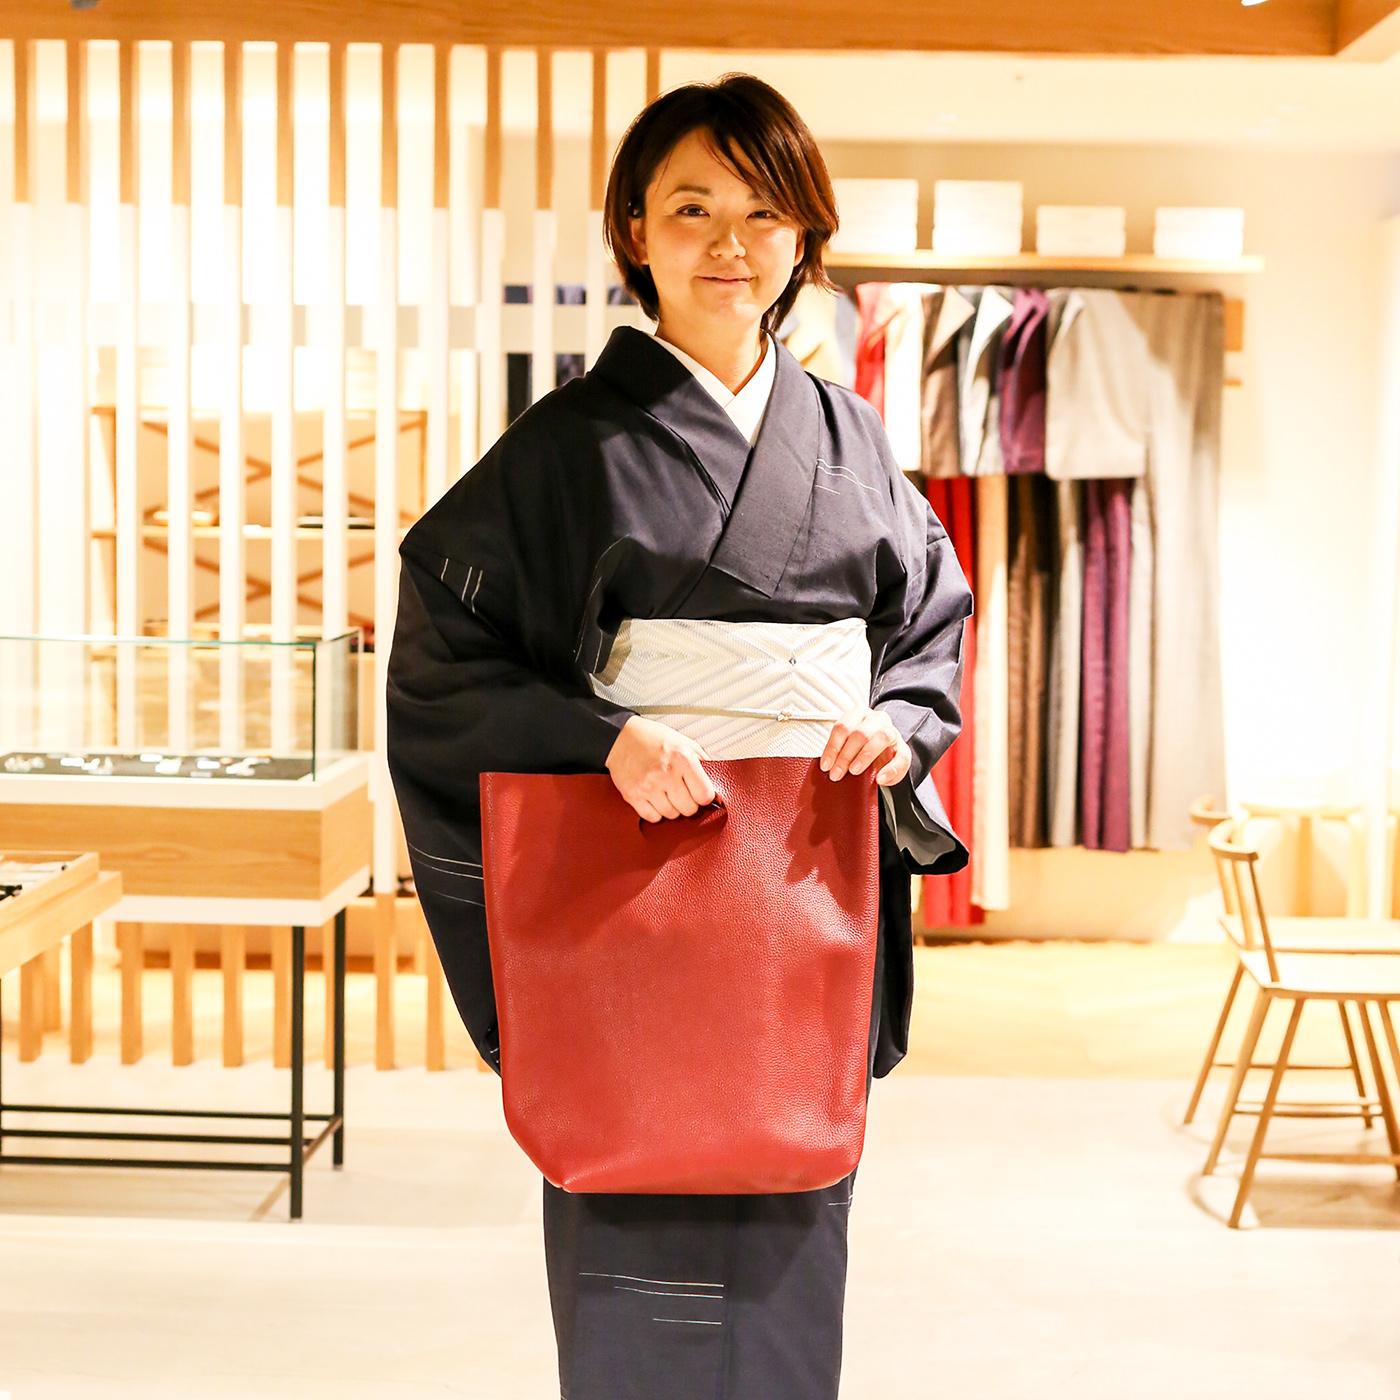 「こんなバッグは如何かしら」と広報担当の森田理恵さん。長身の女性にも合うよう仕立てられている。